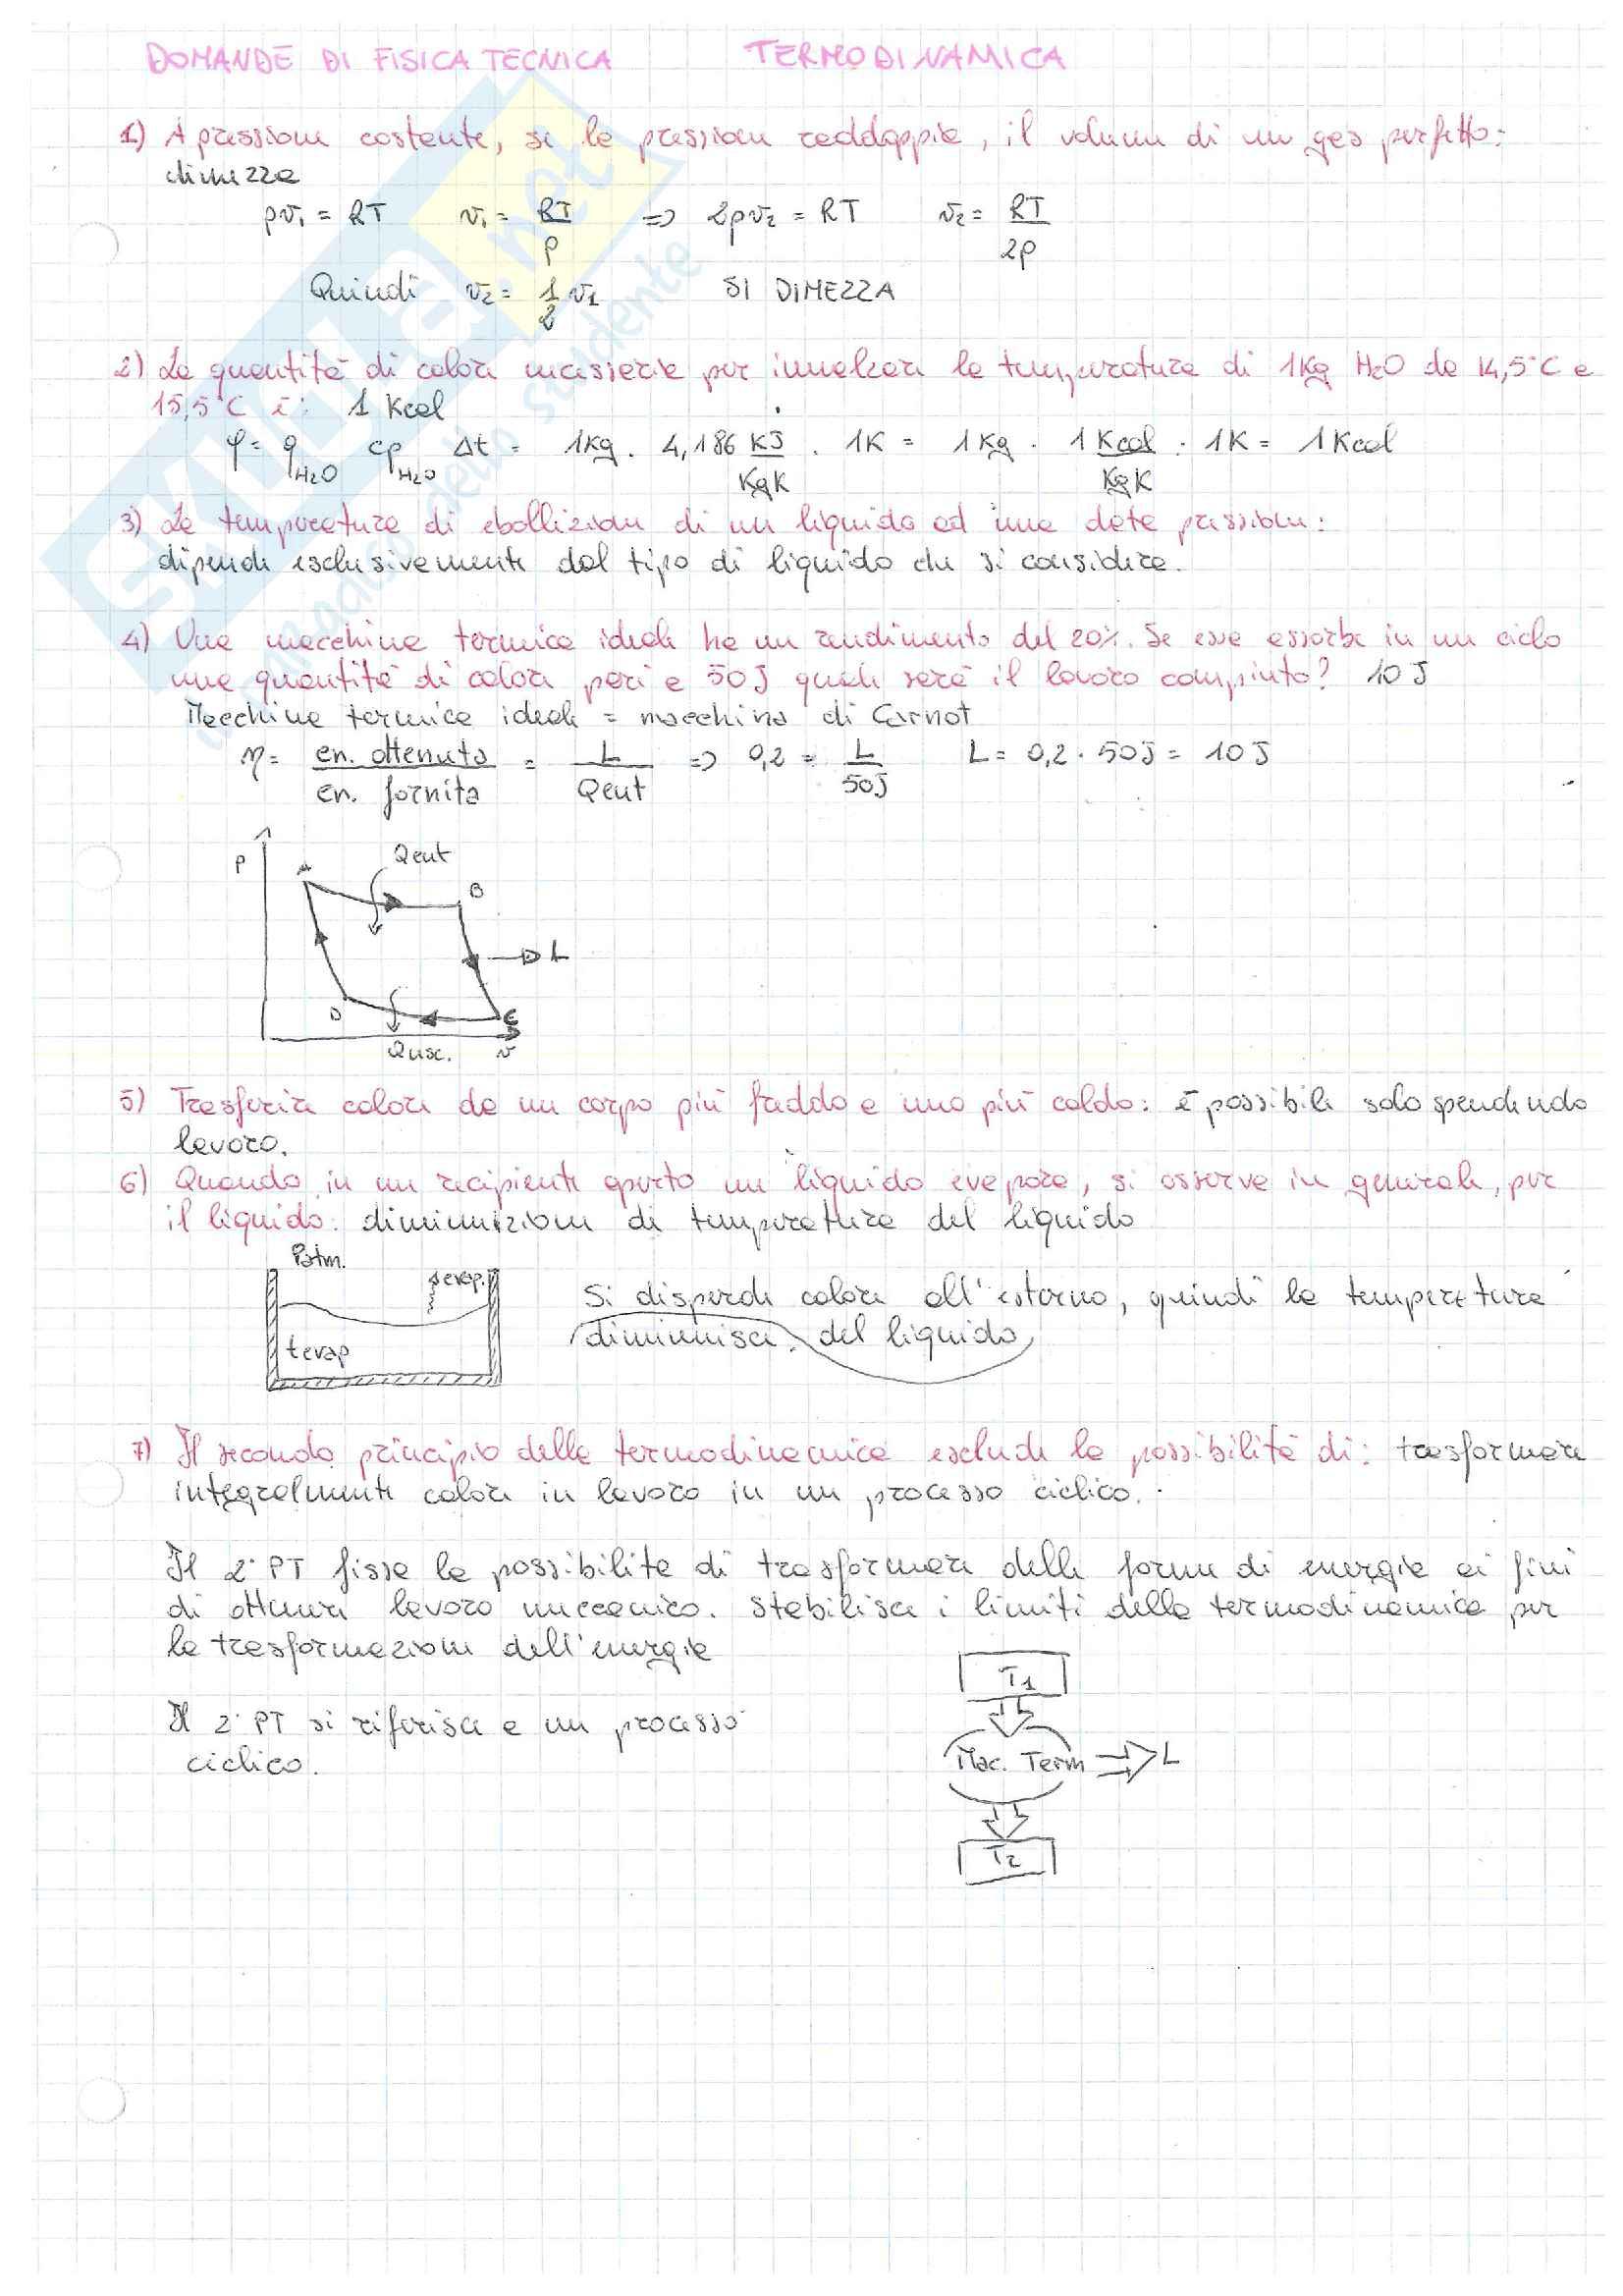 Domande di fisica tecnica